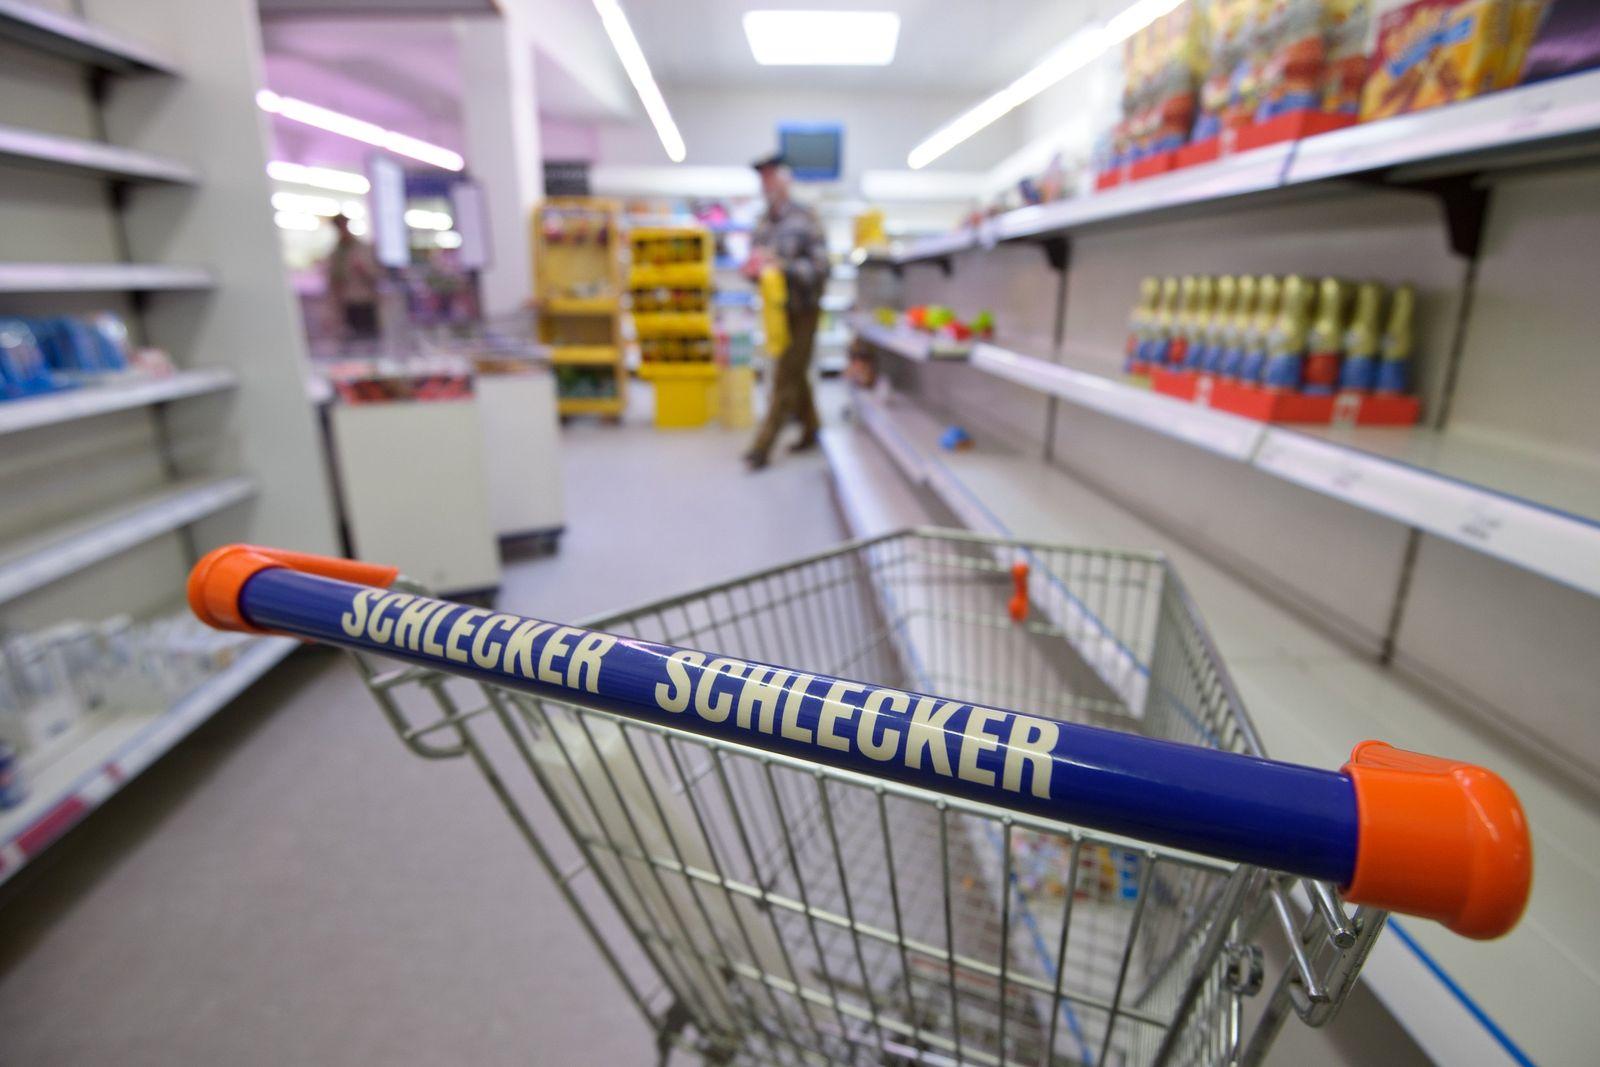 Schlecker/ Einkaufswagen